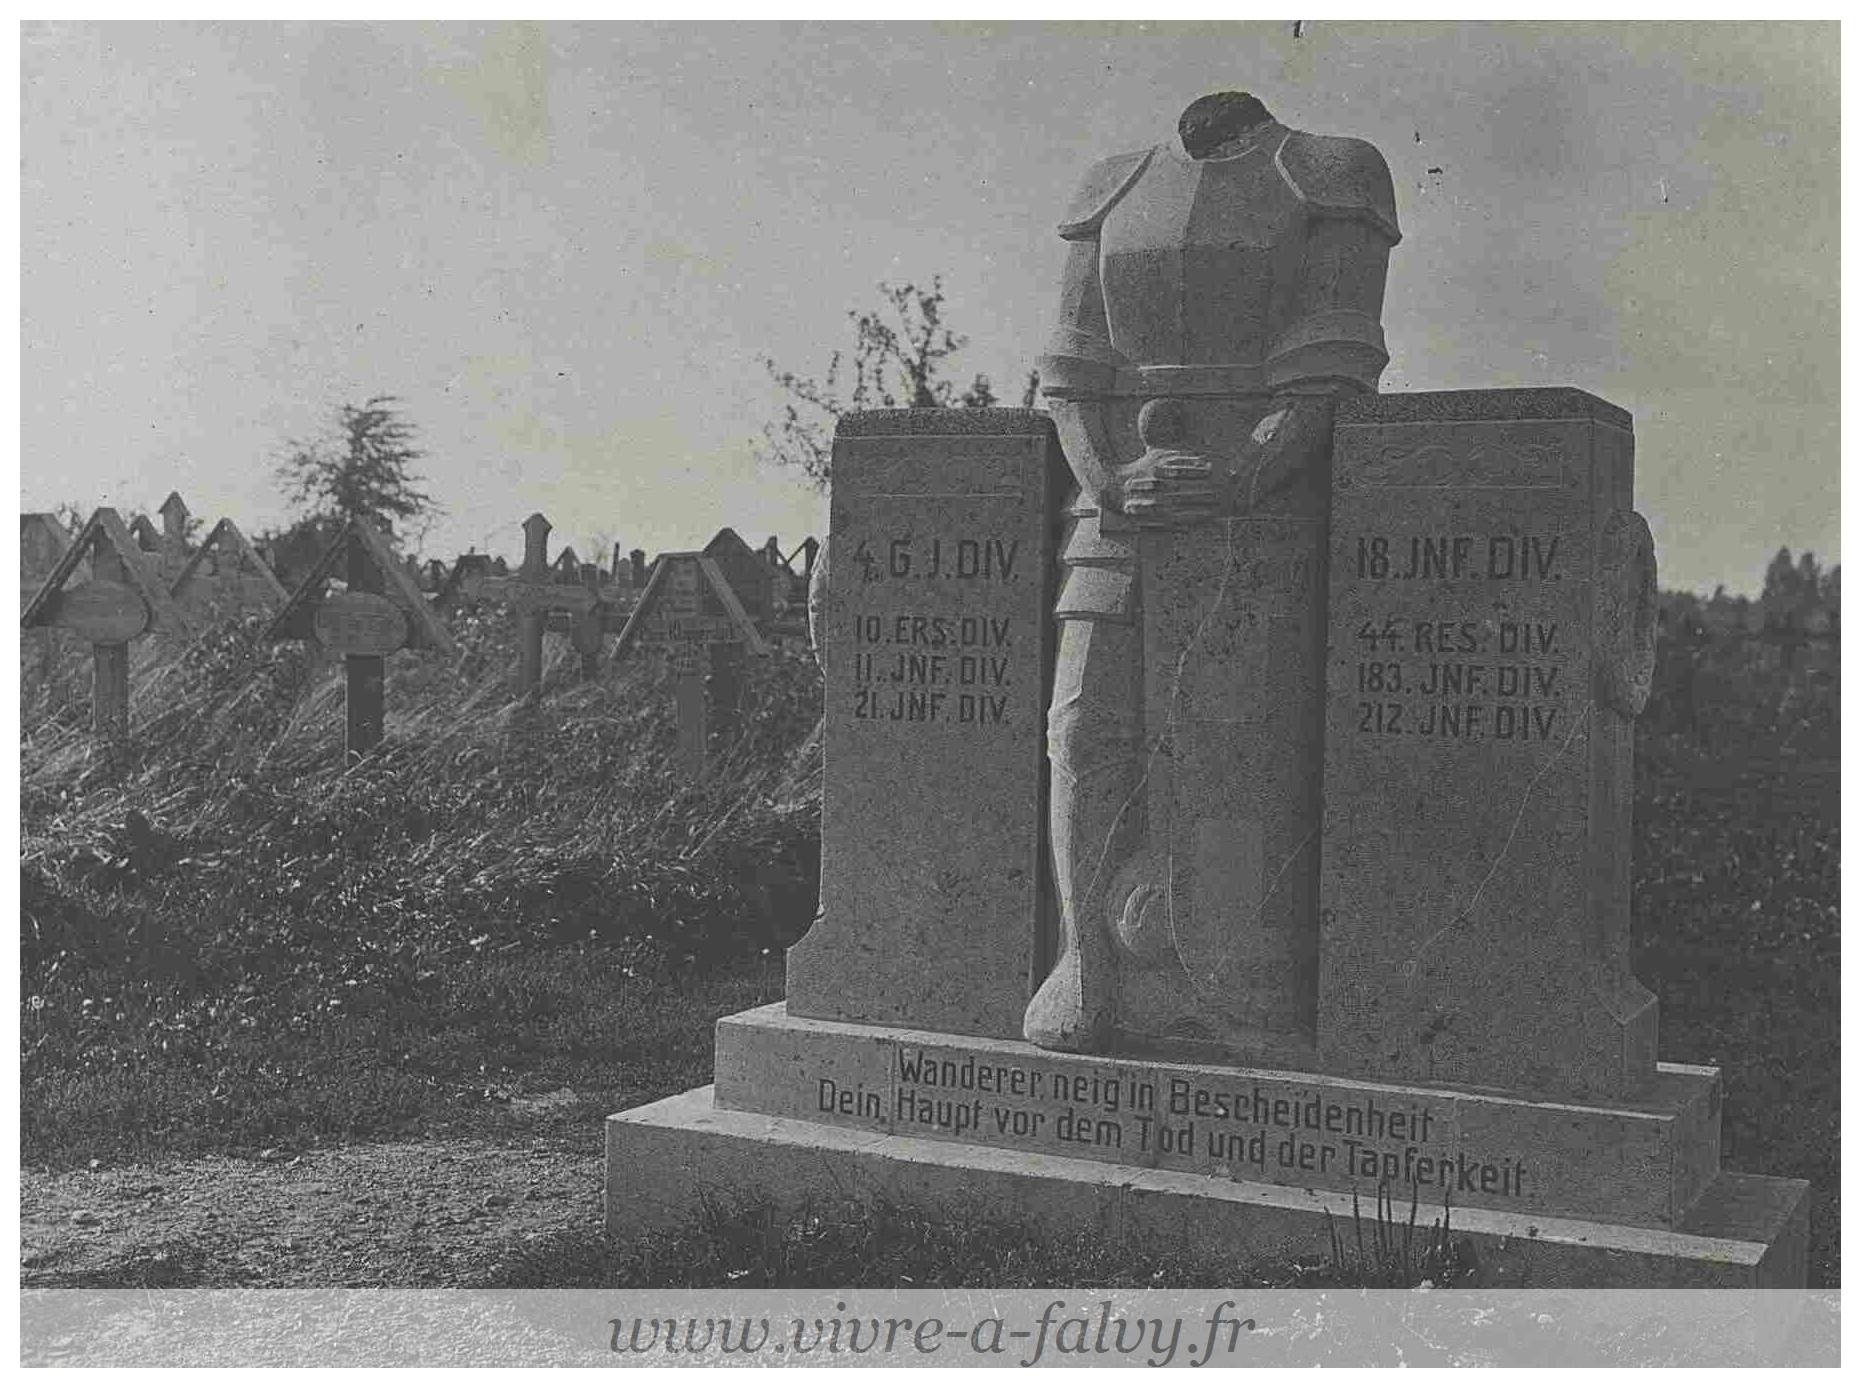 Pargny - Cimetière Militaire Allemand Monument funéraire 19 09 1917